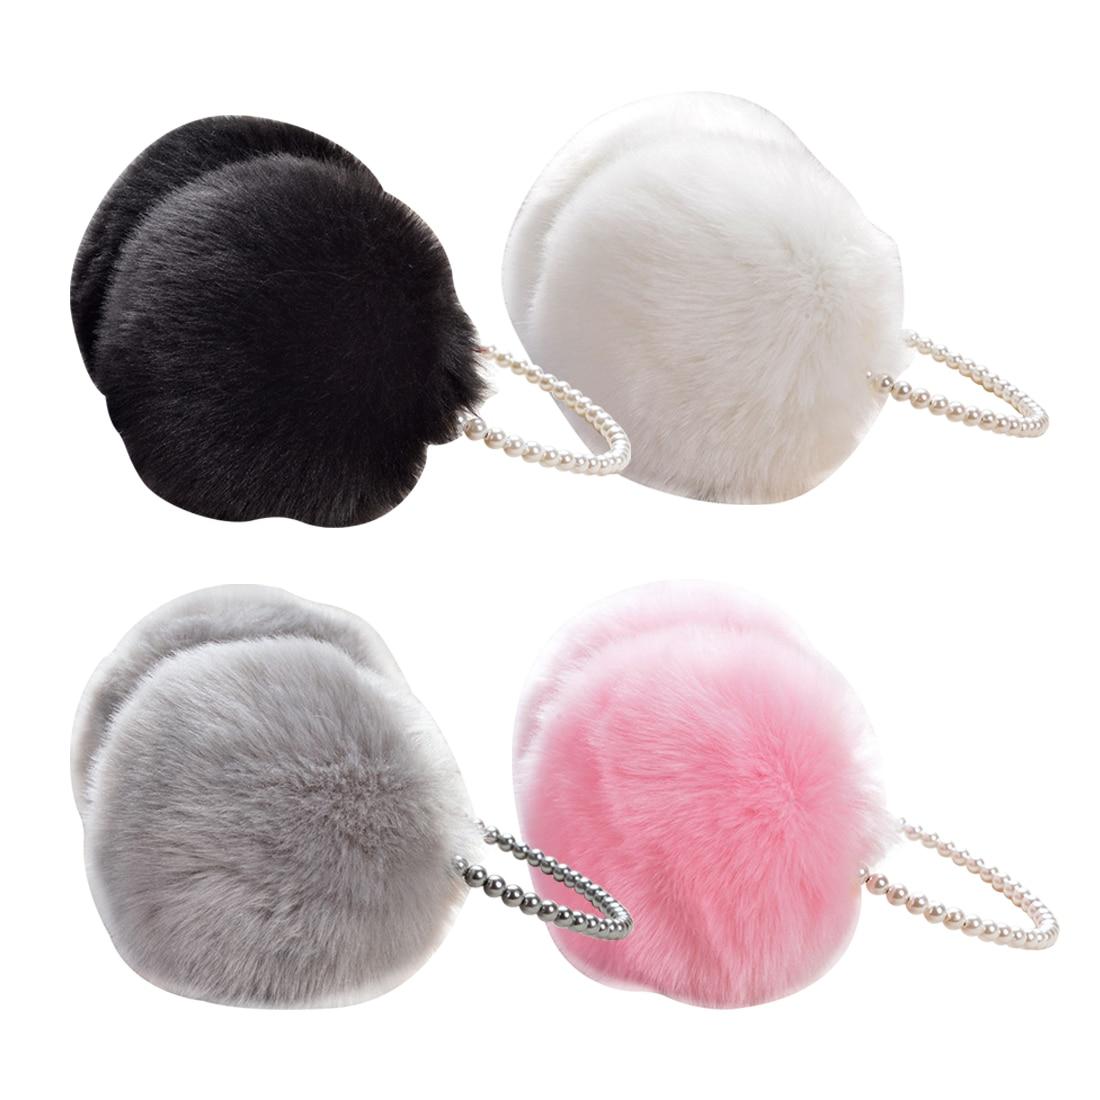 Hot Fashion Rabbit Fur Earmuffs Ear Muffs Ear Warmers Earmuffs Winter Outdoor Women Christmas Gifts